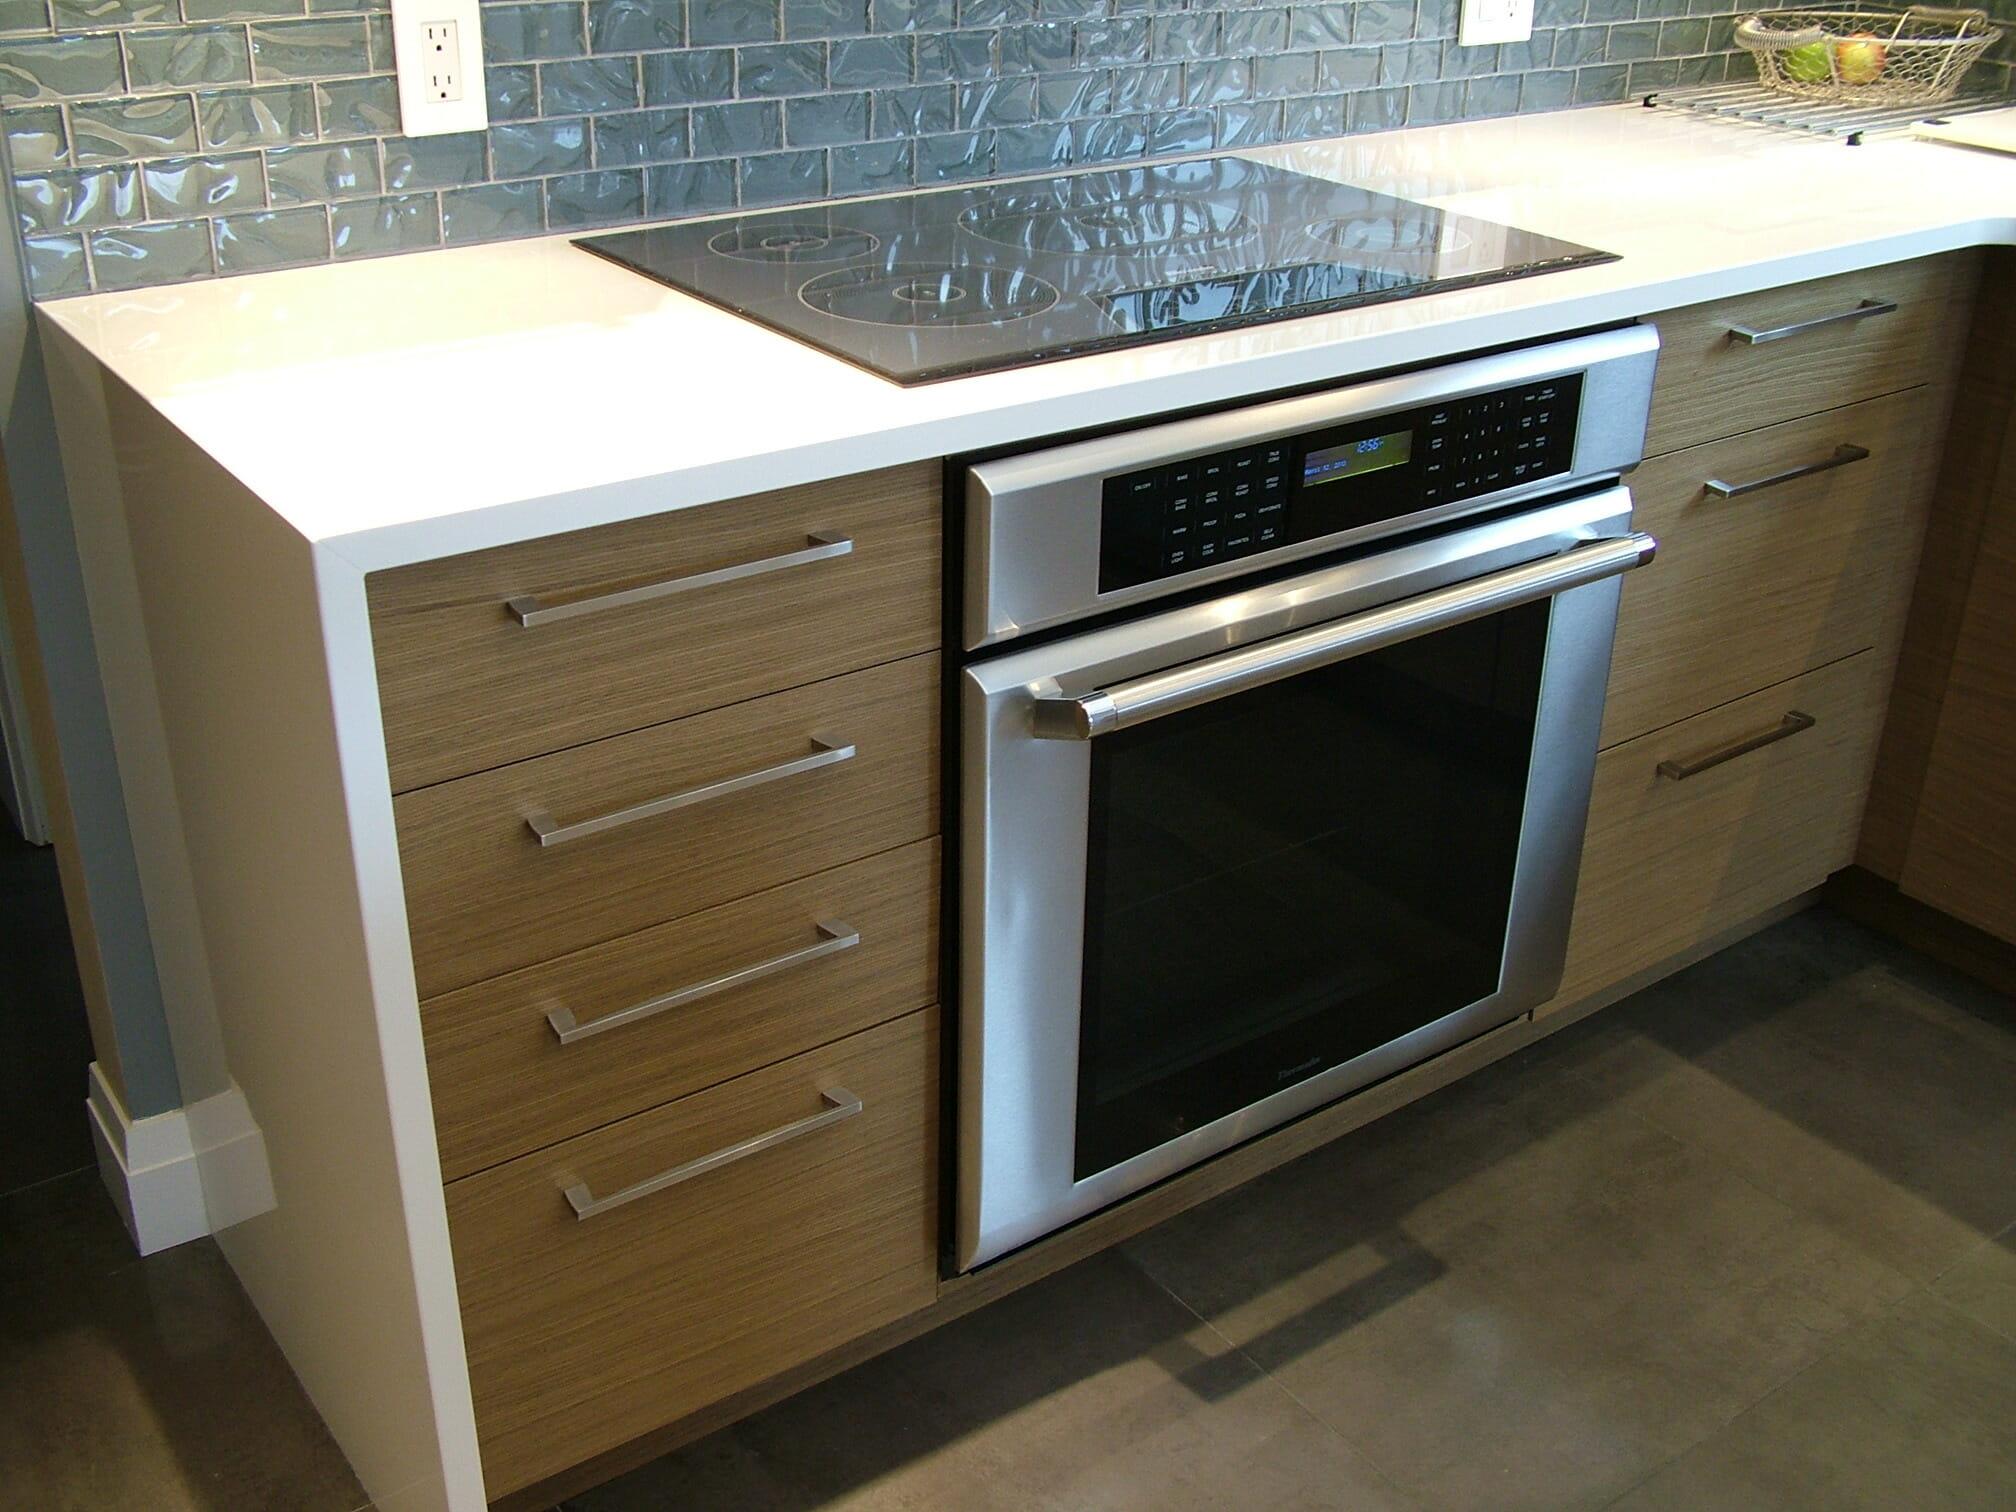 tkg-kitchen-6